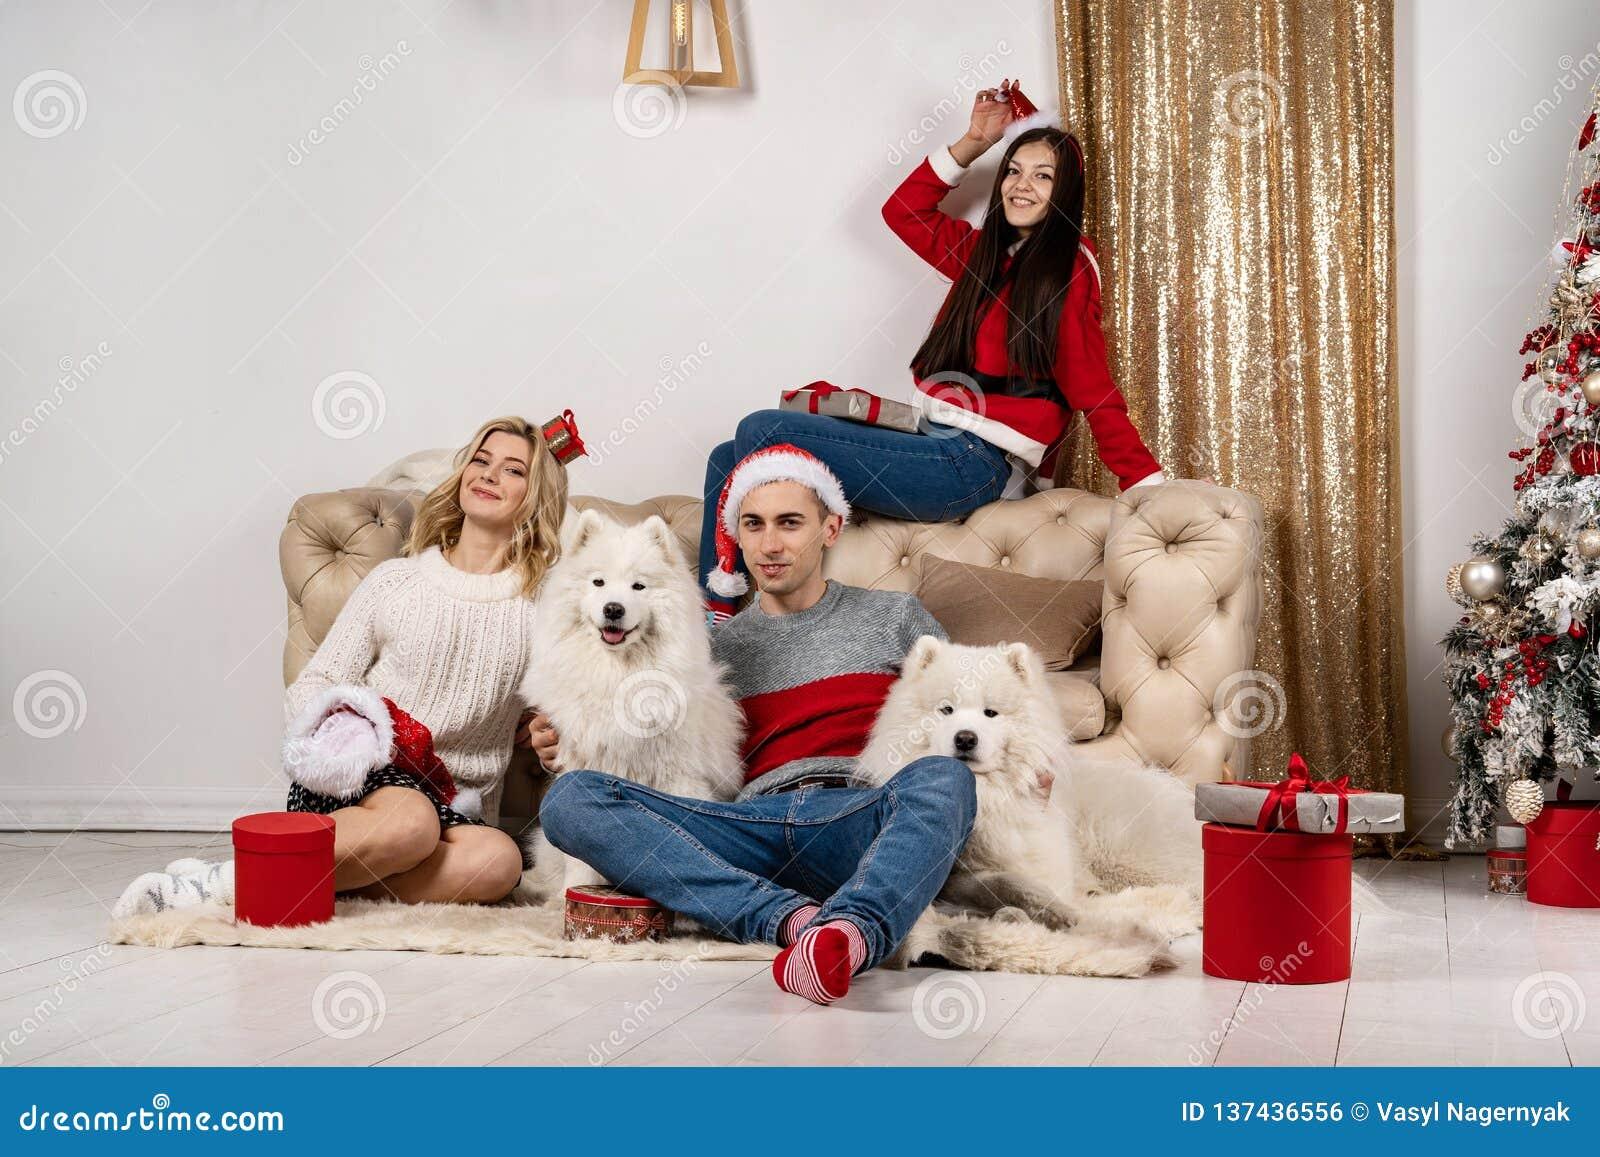 Comemoração do Natal feliz de jovens com cães e presentes